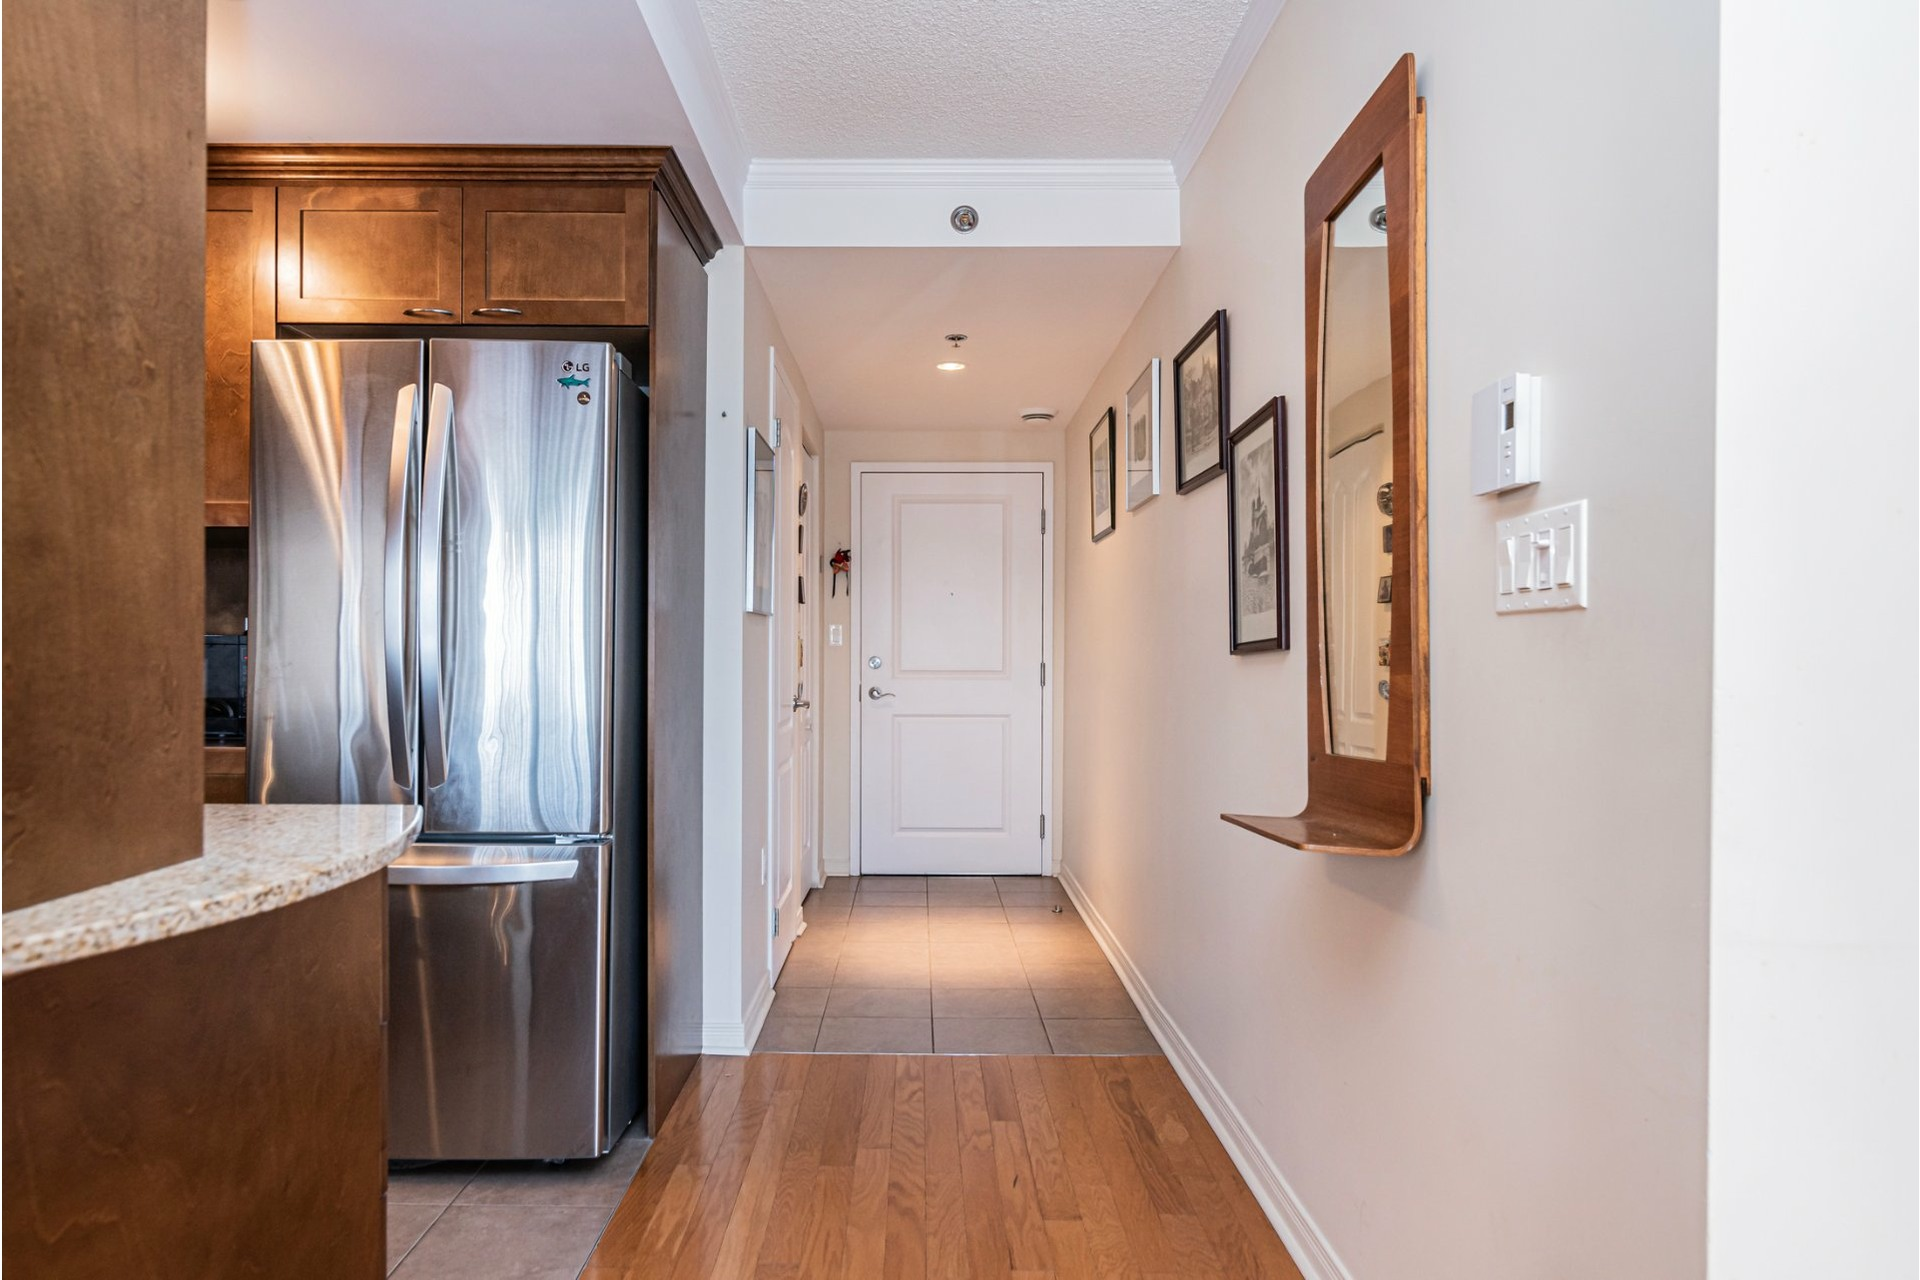 image 7 - Apartment For sale Lachine Montréal  - 7 rooms